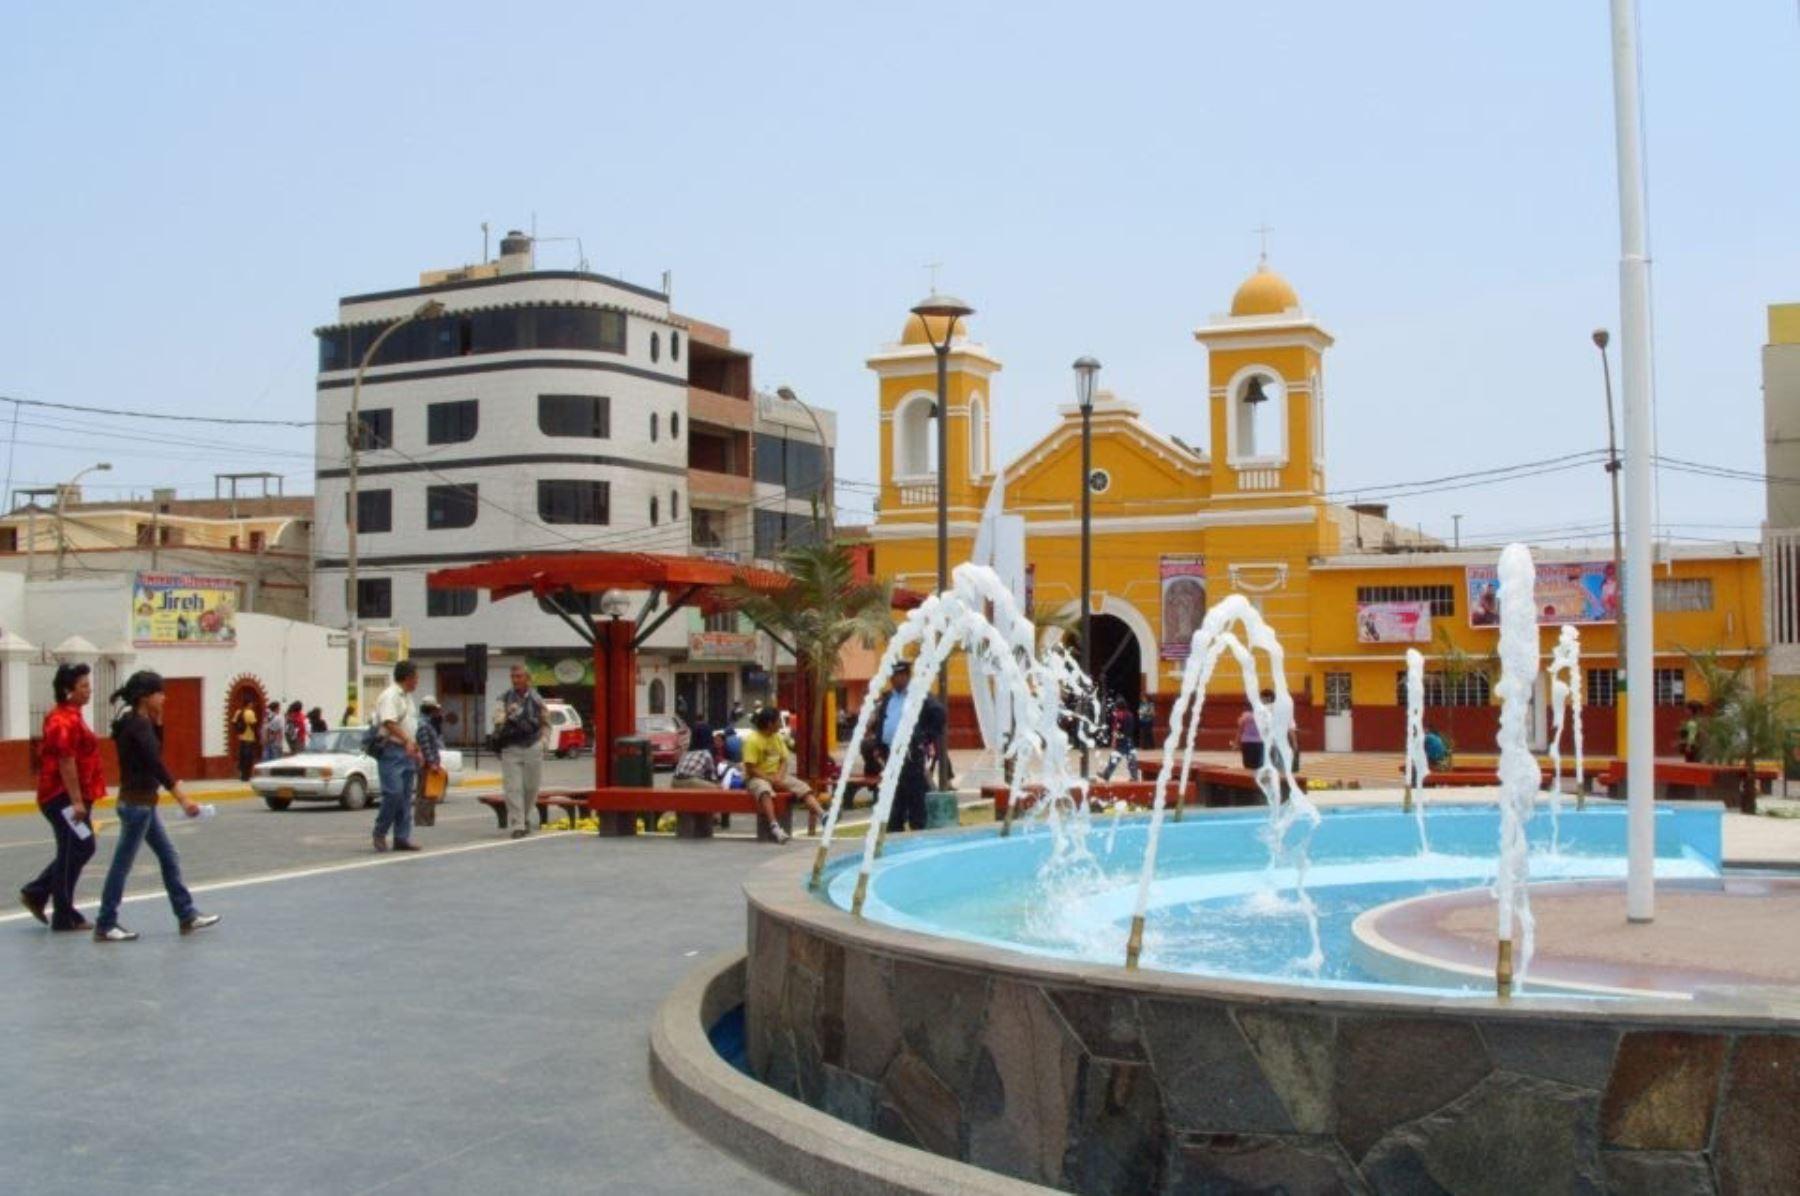 Un sismo de magnitud 4.2 se registró esta mañana en la provincia de Barranca, en la región Lima, informó el Centro Sismológico Nacional del Instituto Geofísico del Perú (IGP). ANDINA/Archivo